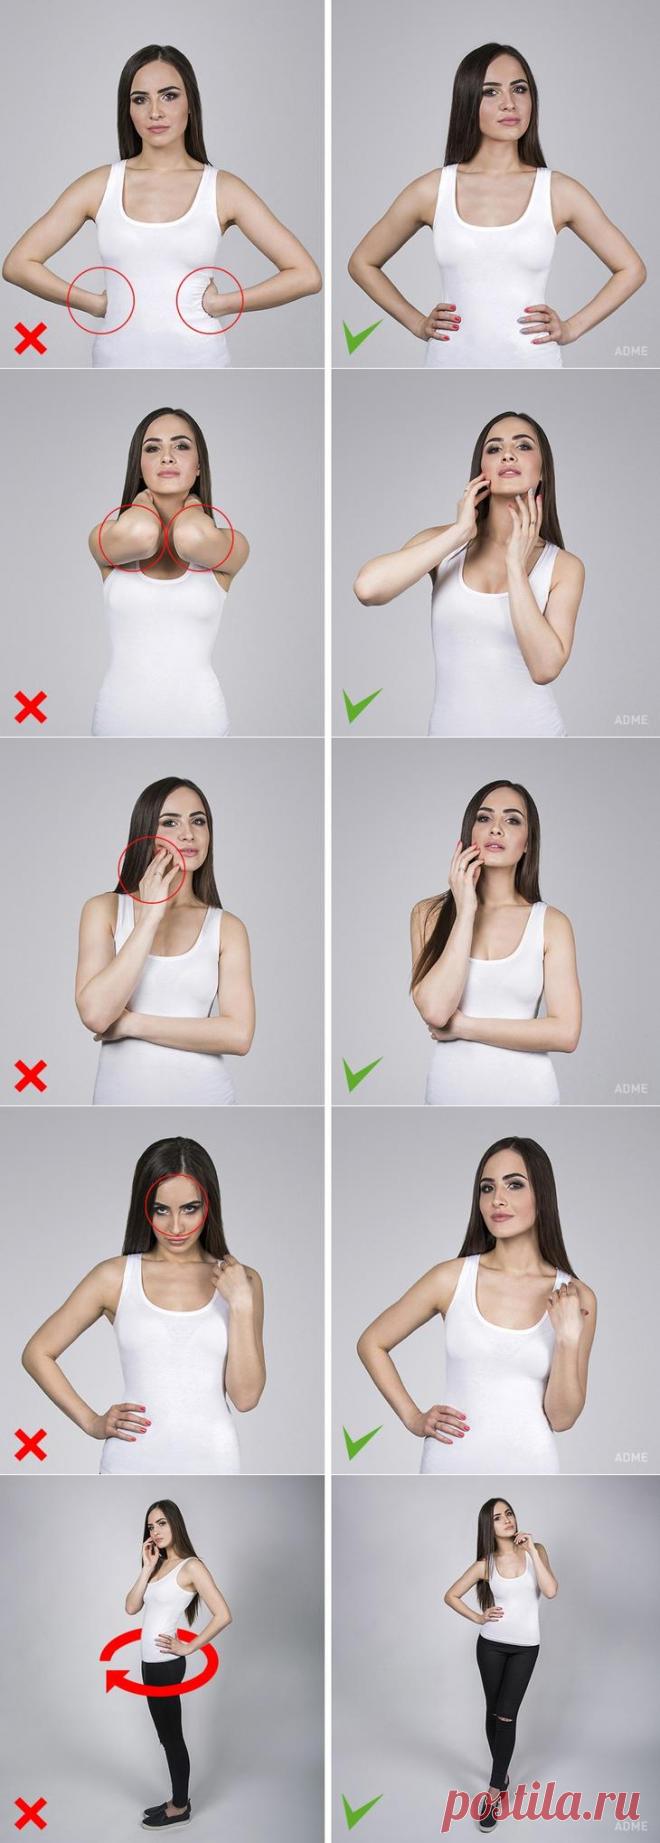 советы как правильно сделать фото если